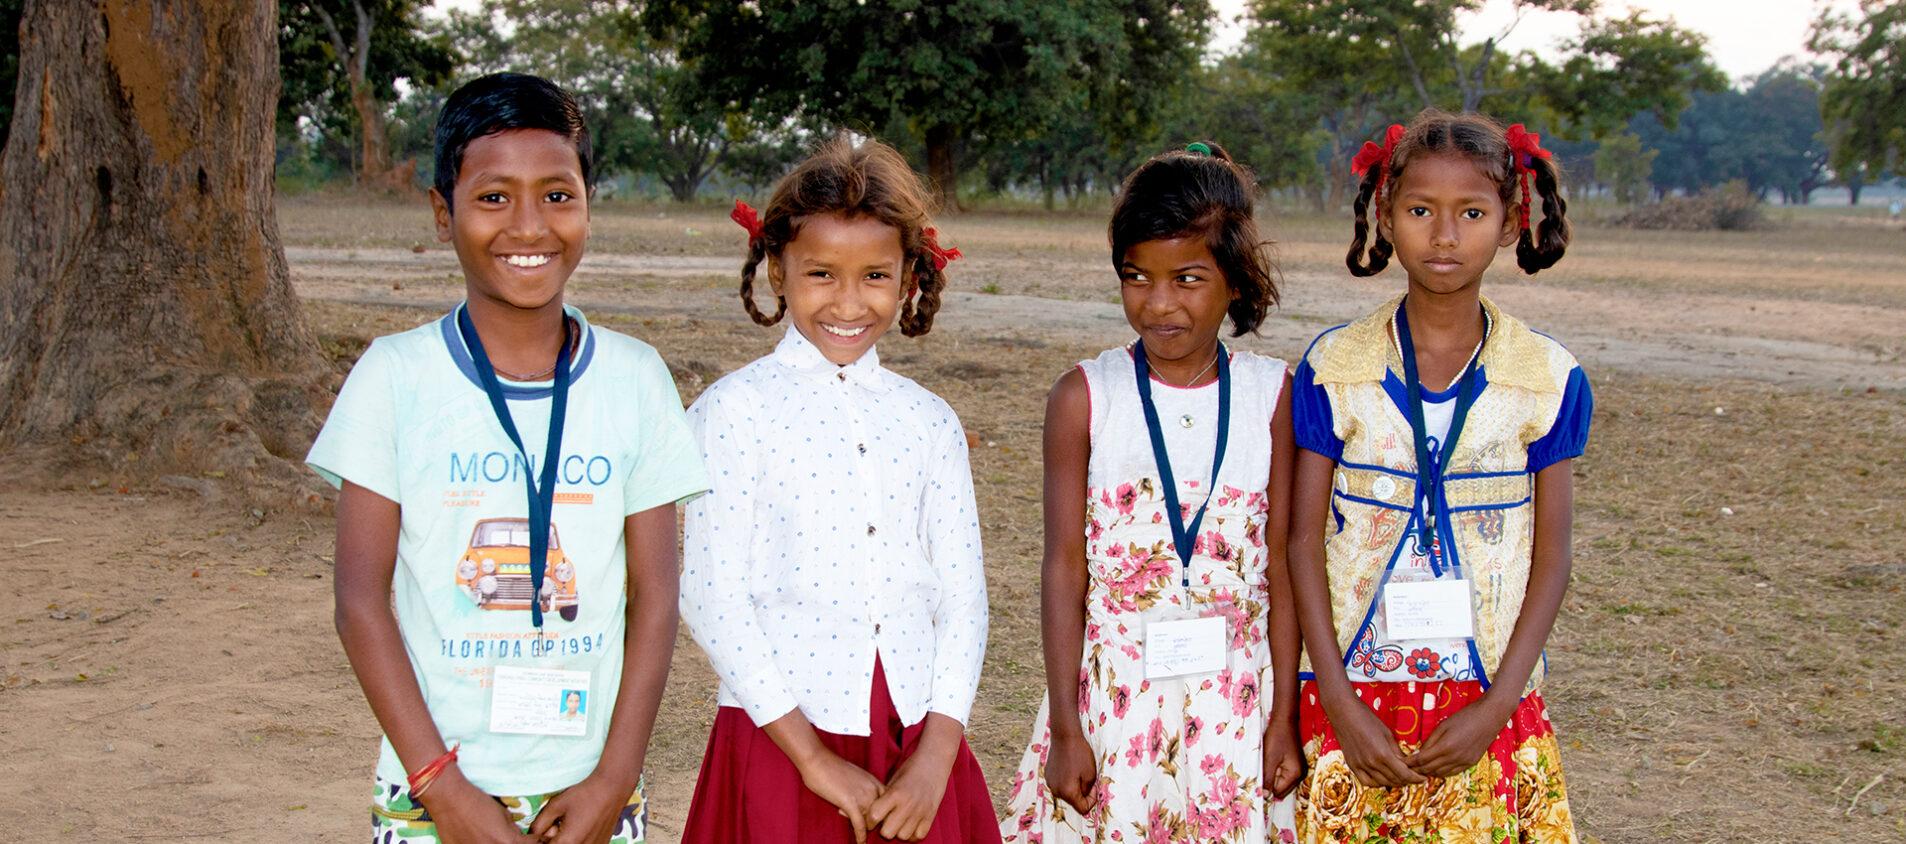 Här är Anmal, Dipika, Roshni och Choti. De är 9 och 10 år och deltar i deltar i ett barnparlament i ett samhälle i östra Indien.